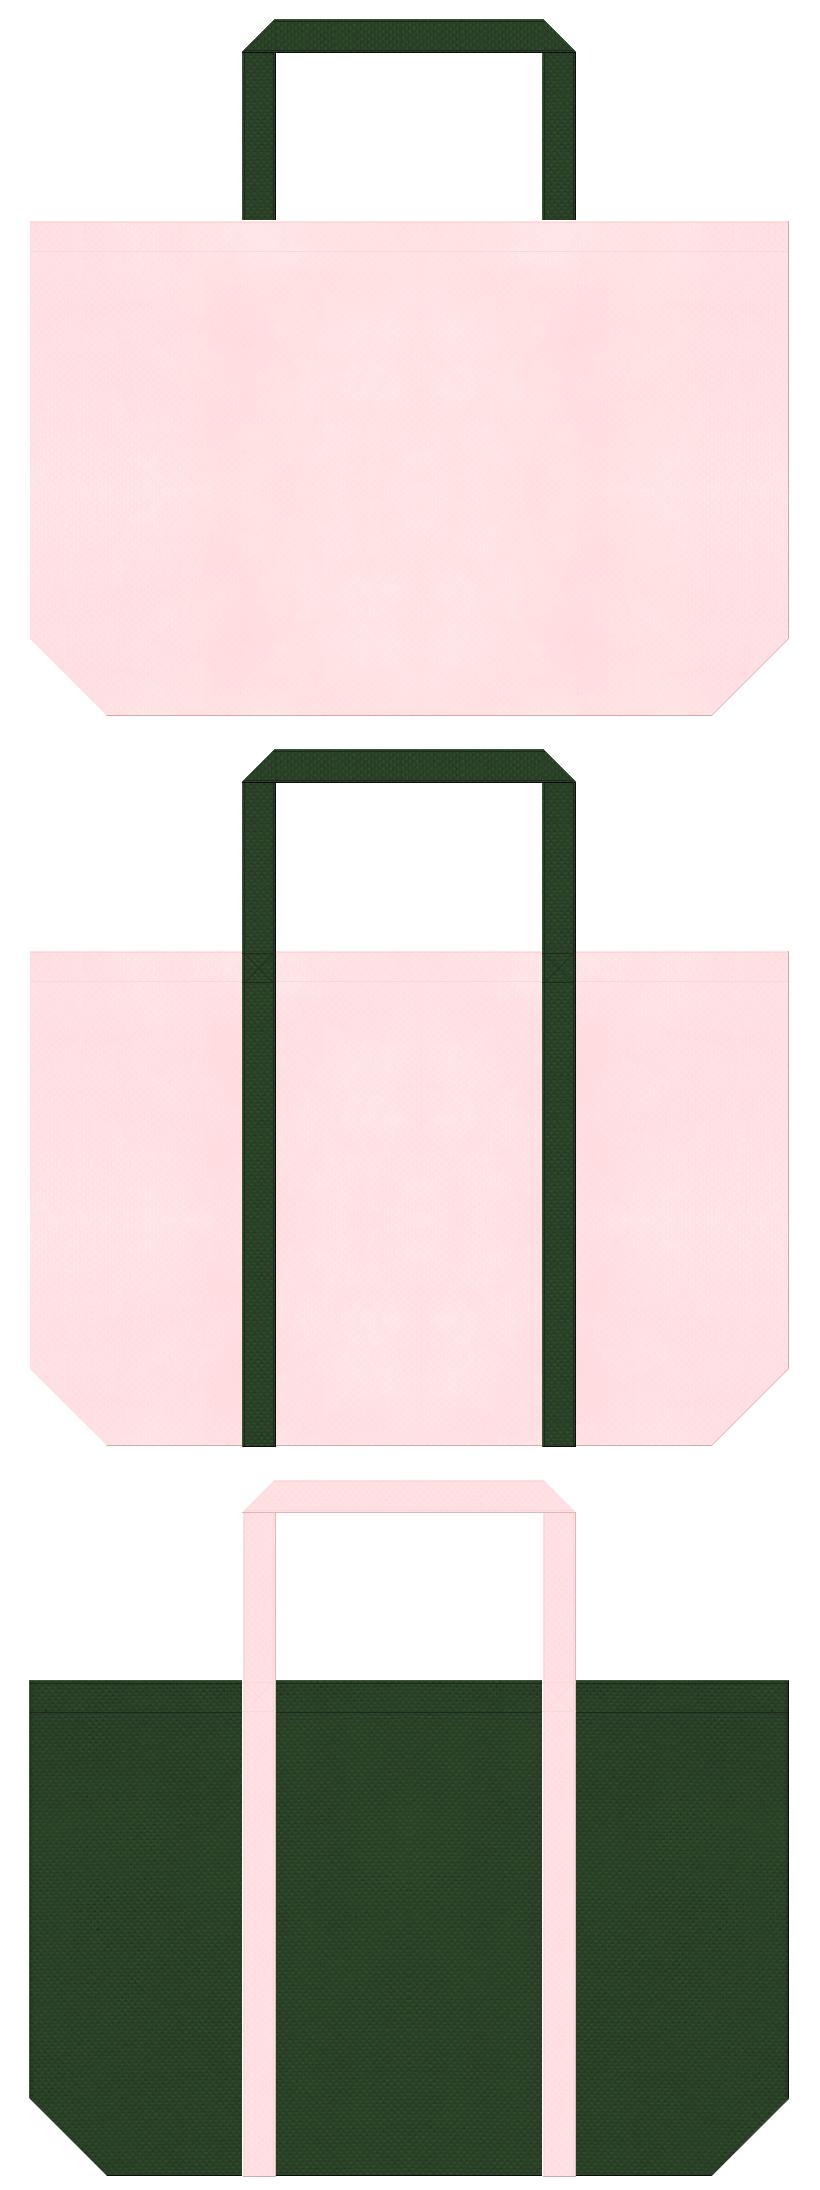 卒業式・桜・メモリー・写真館・ゲーム・教室・黒板・青春・学園・学校・和風催事にお奨めの不織布バッグデザイン:桜色と濃緑色のコーデ